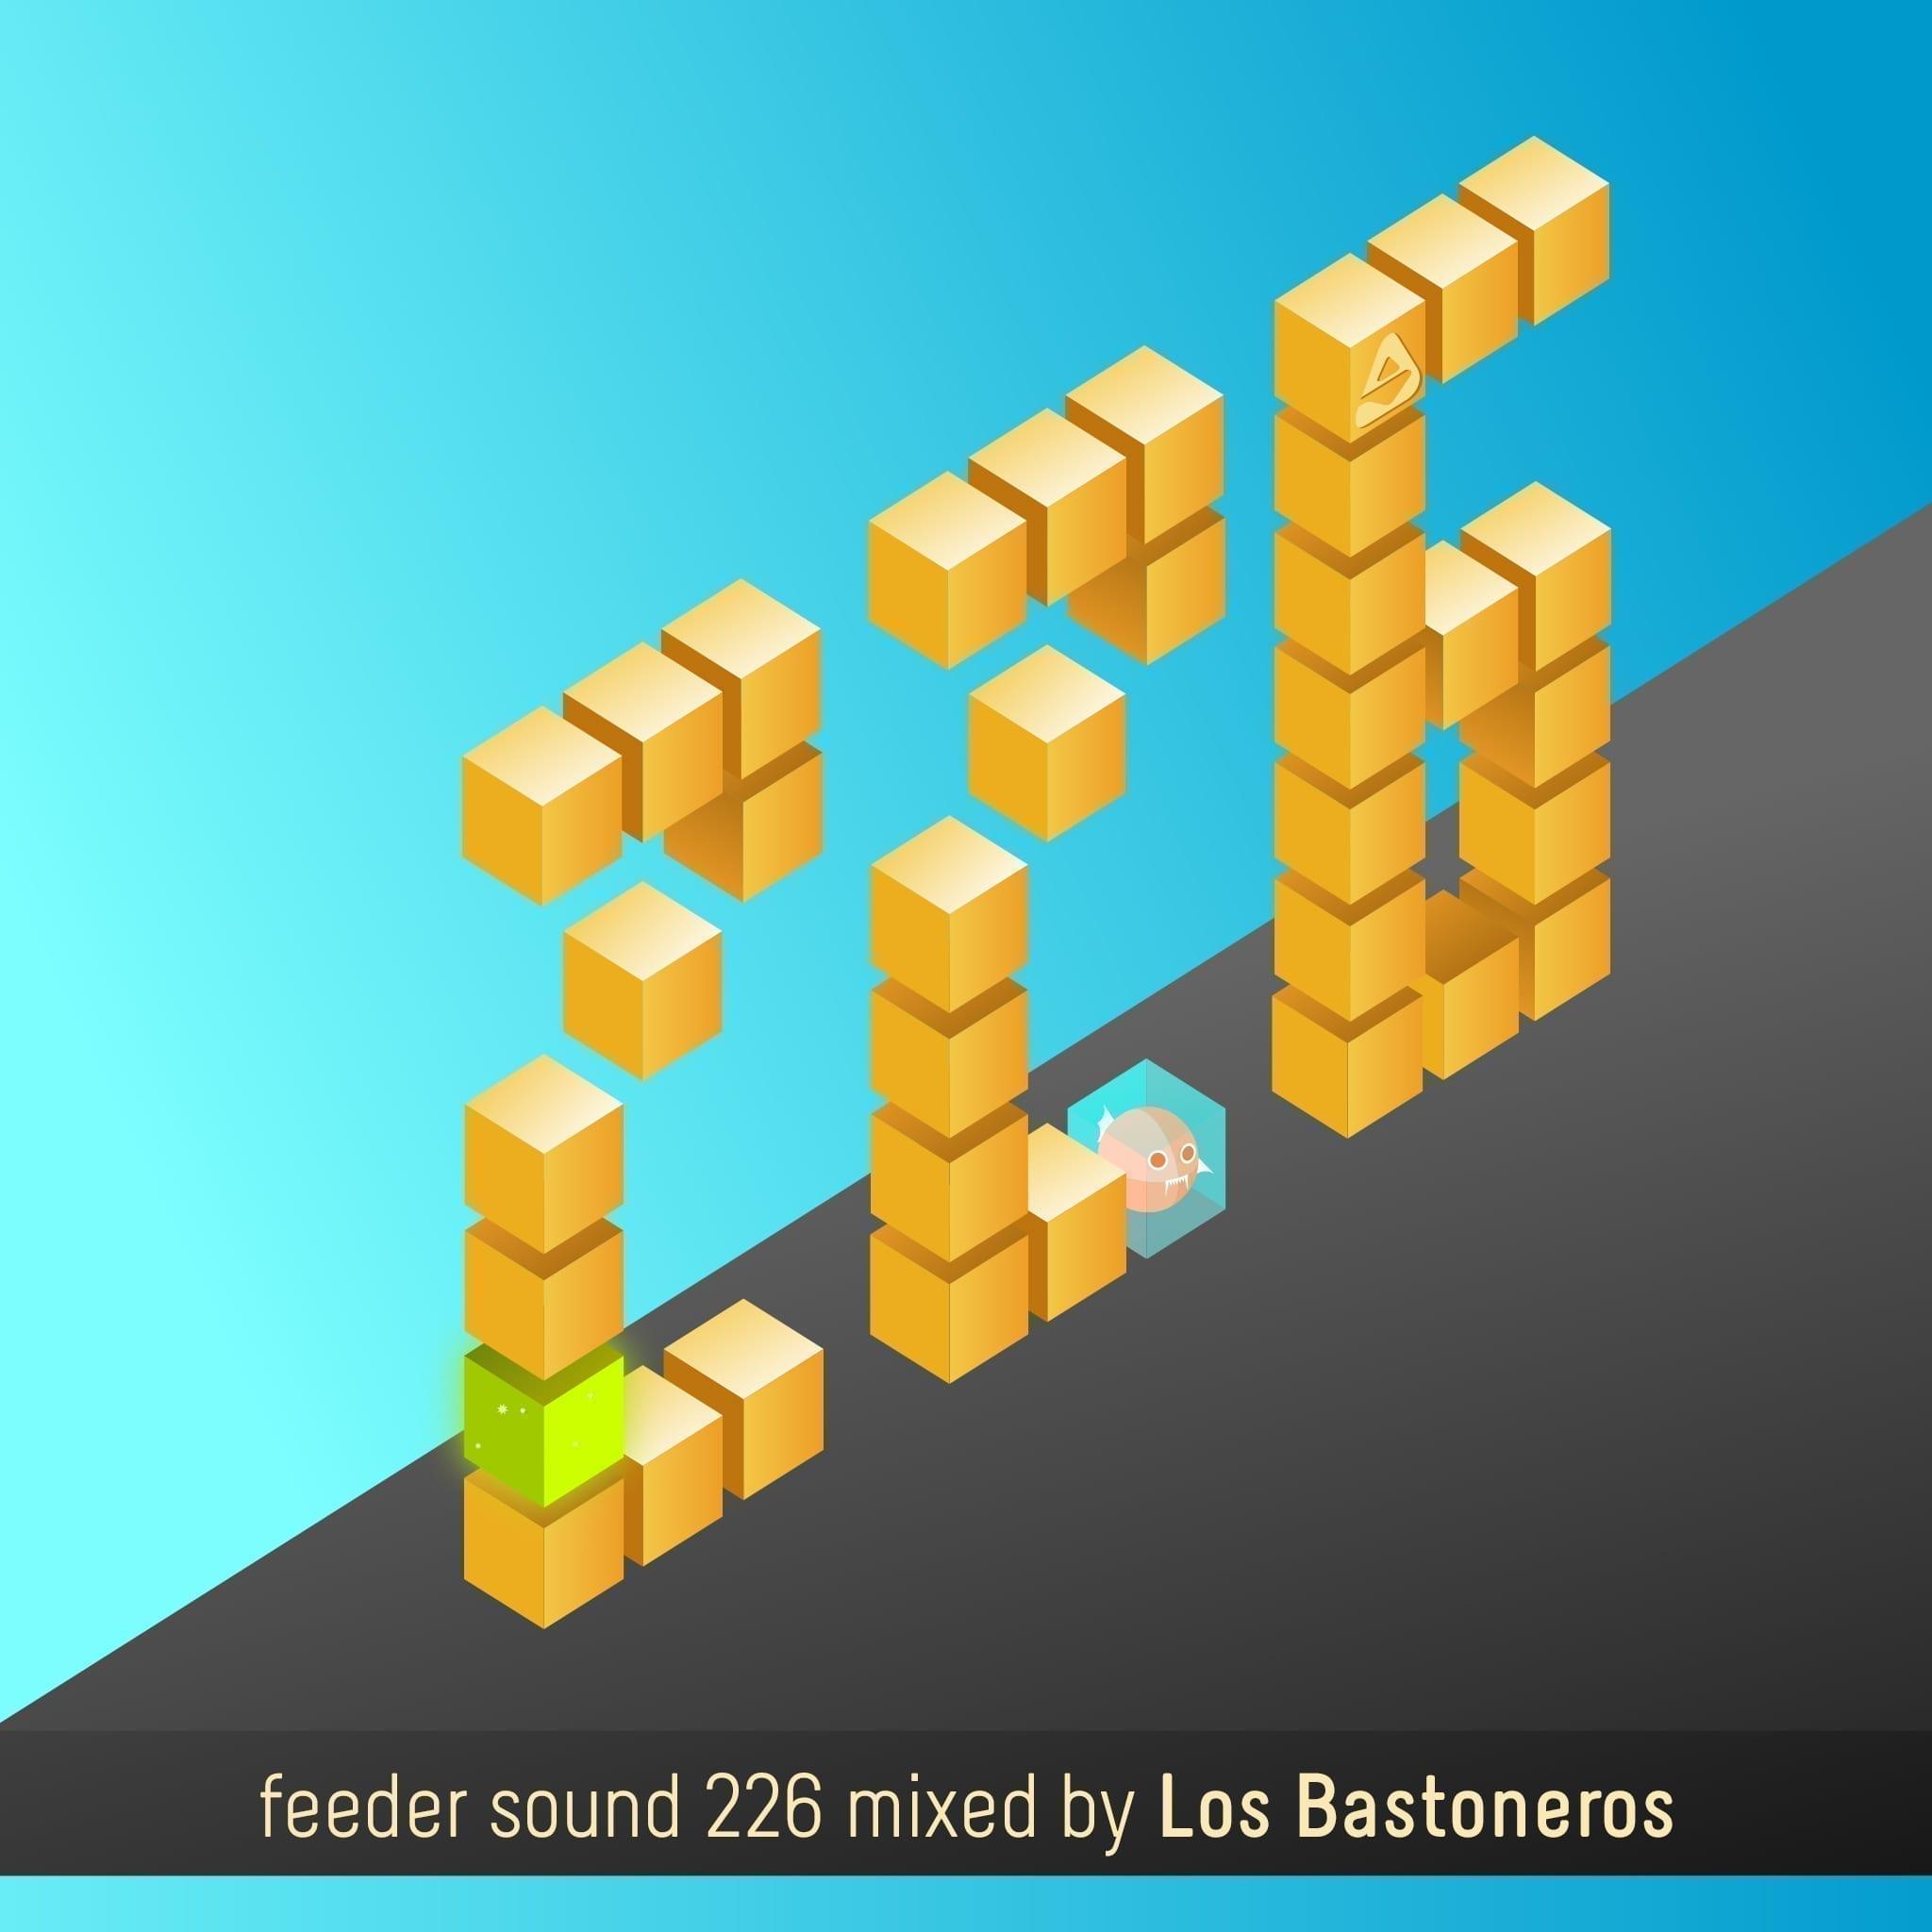 feeder sound 226 mixed by Los Bastoneros article-cover